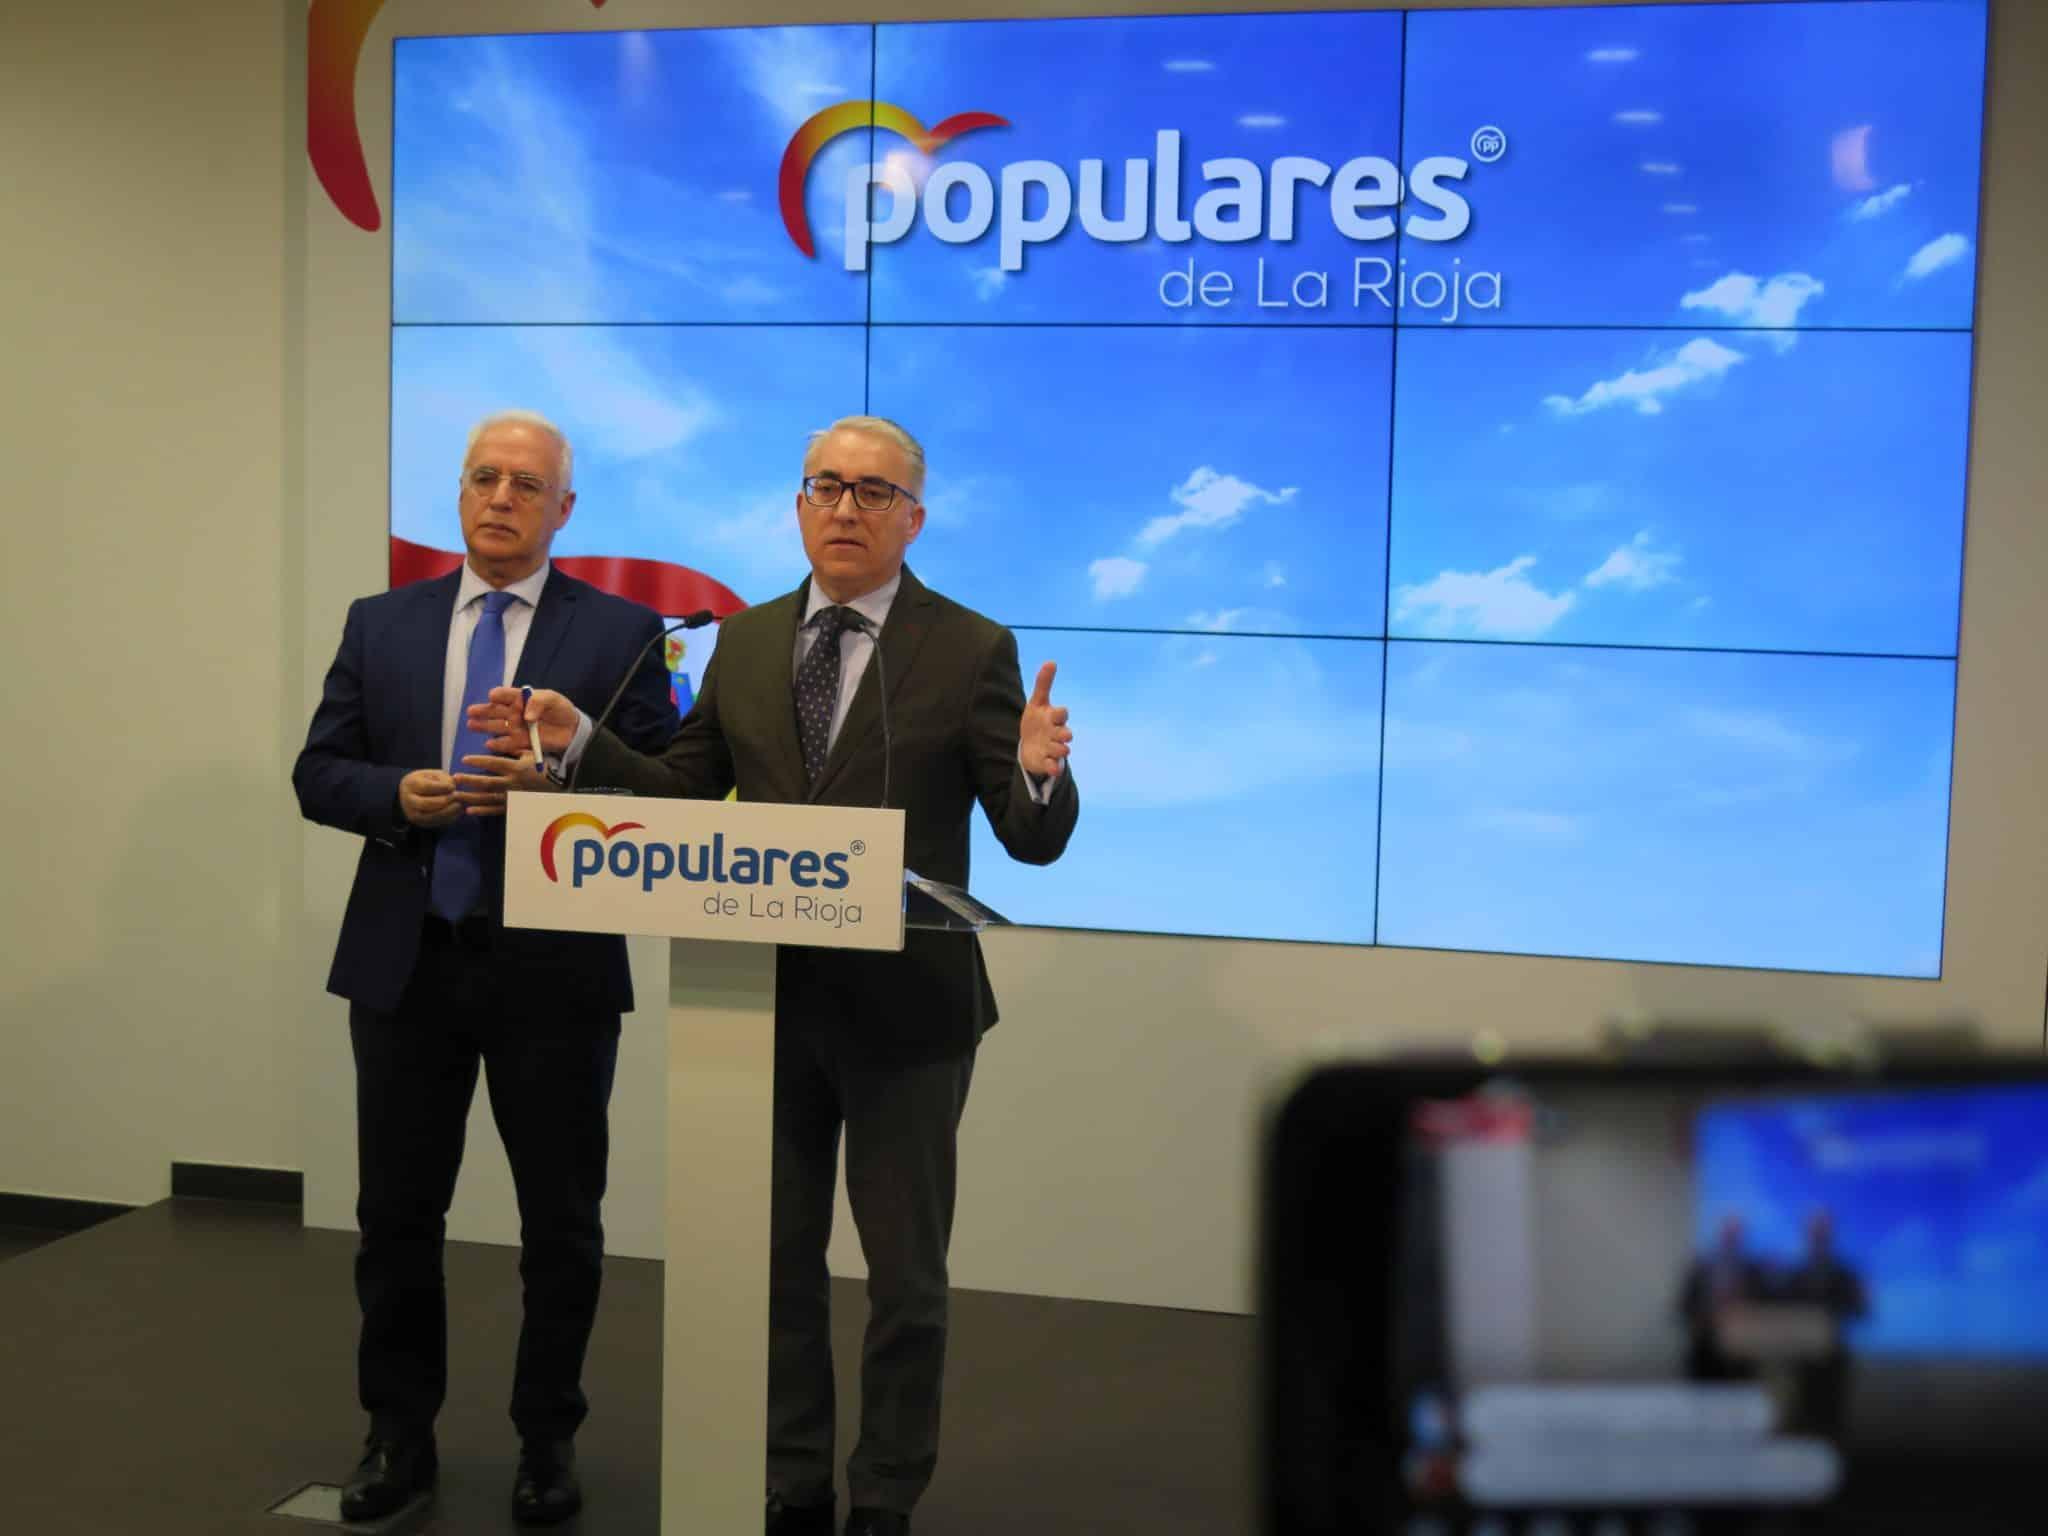 """Ceniceros afirma que el Gobierno de Andreu es """"mentiroso, extremadamente caro y regresivo"""" 1"""